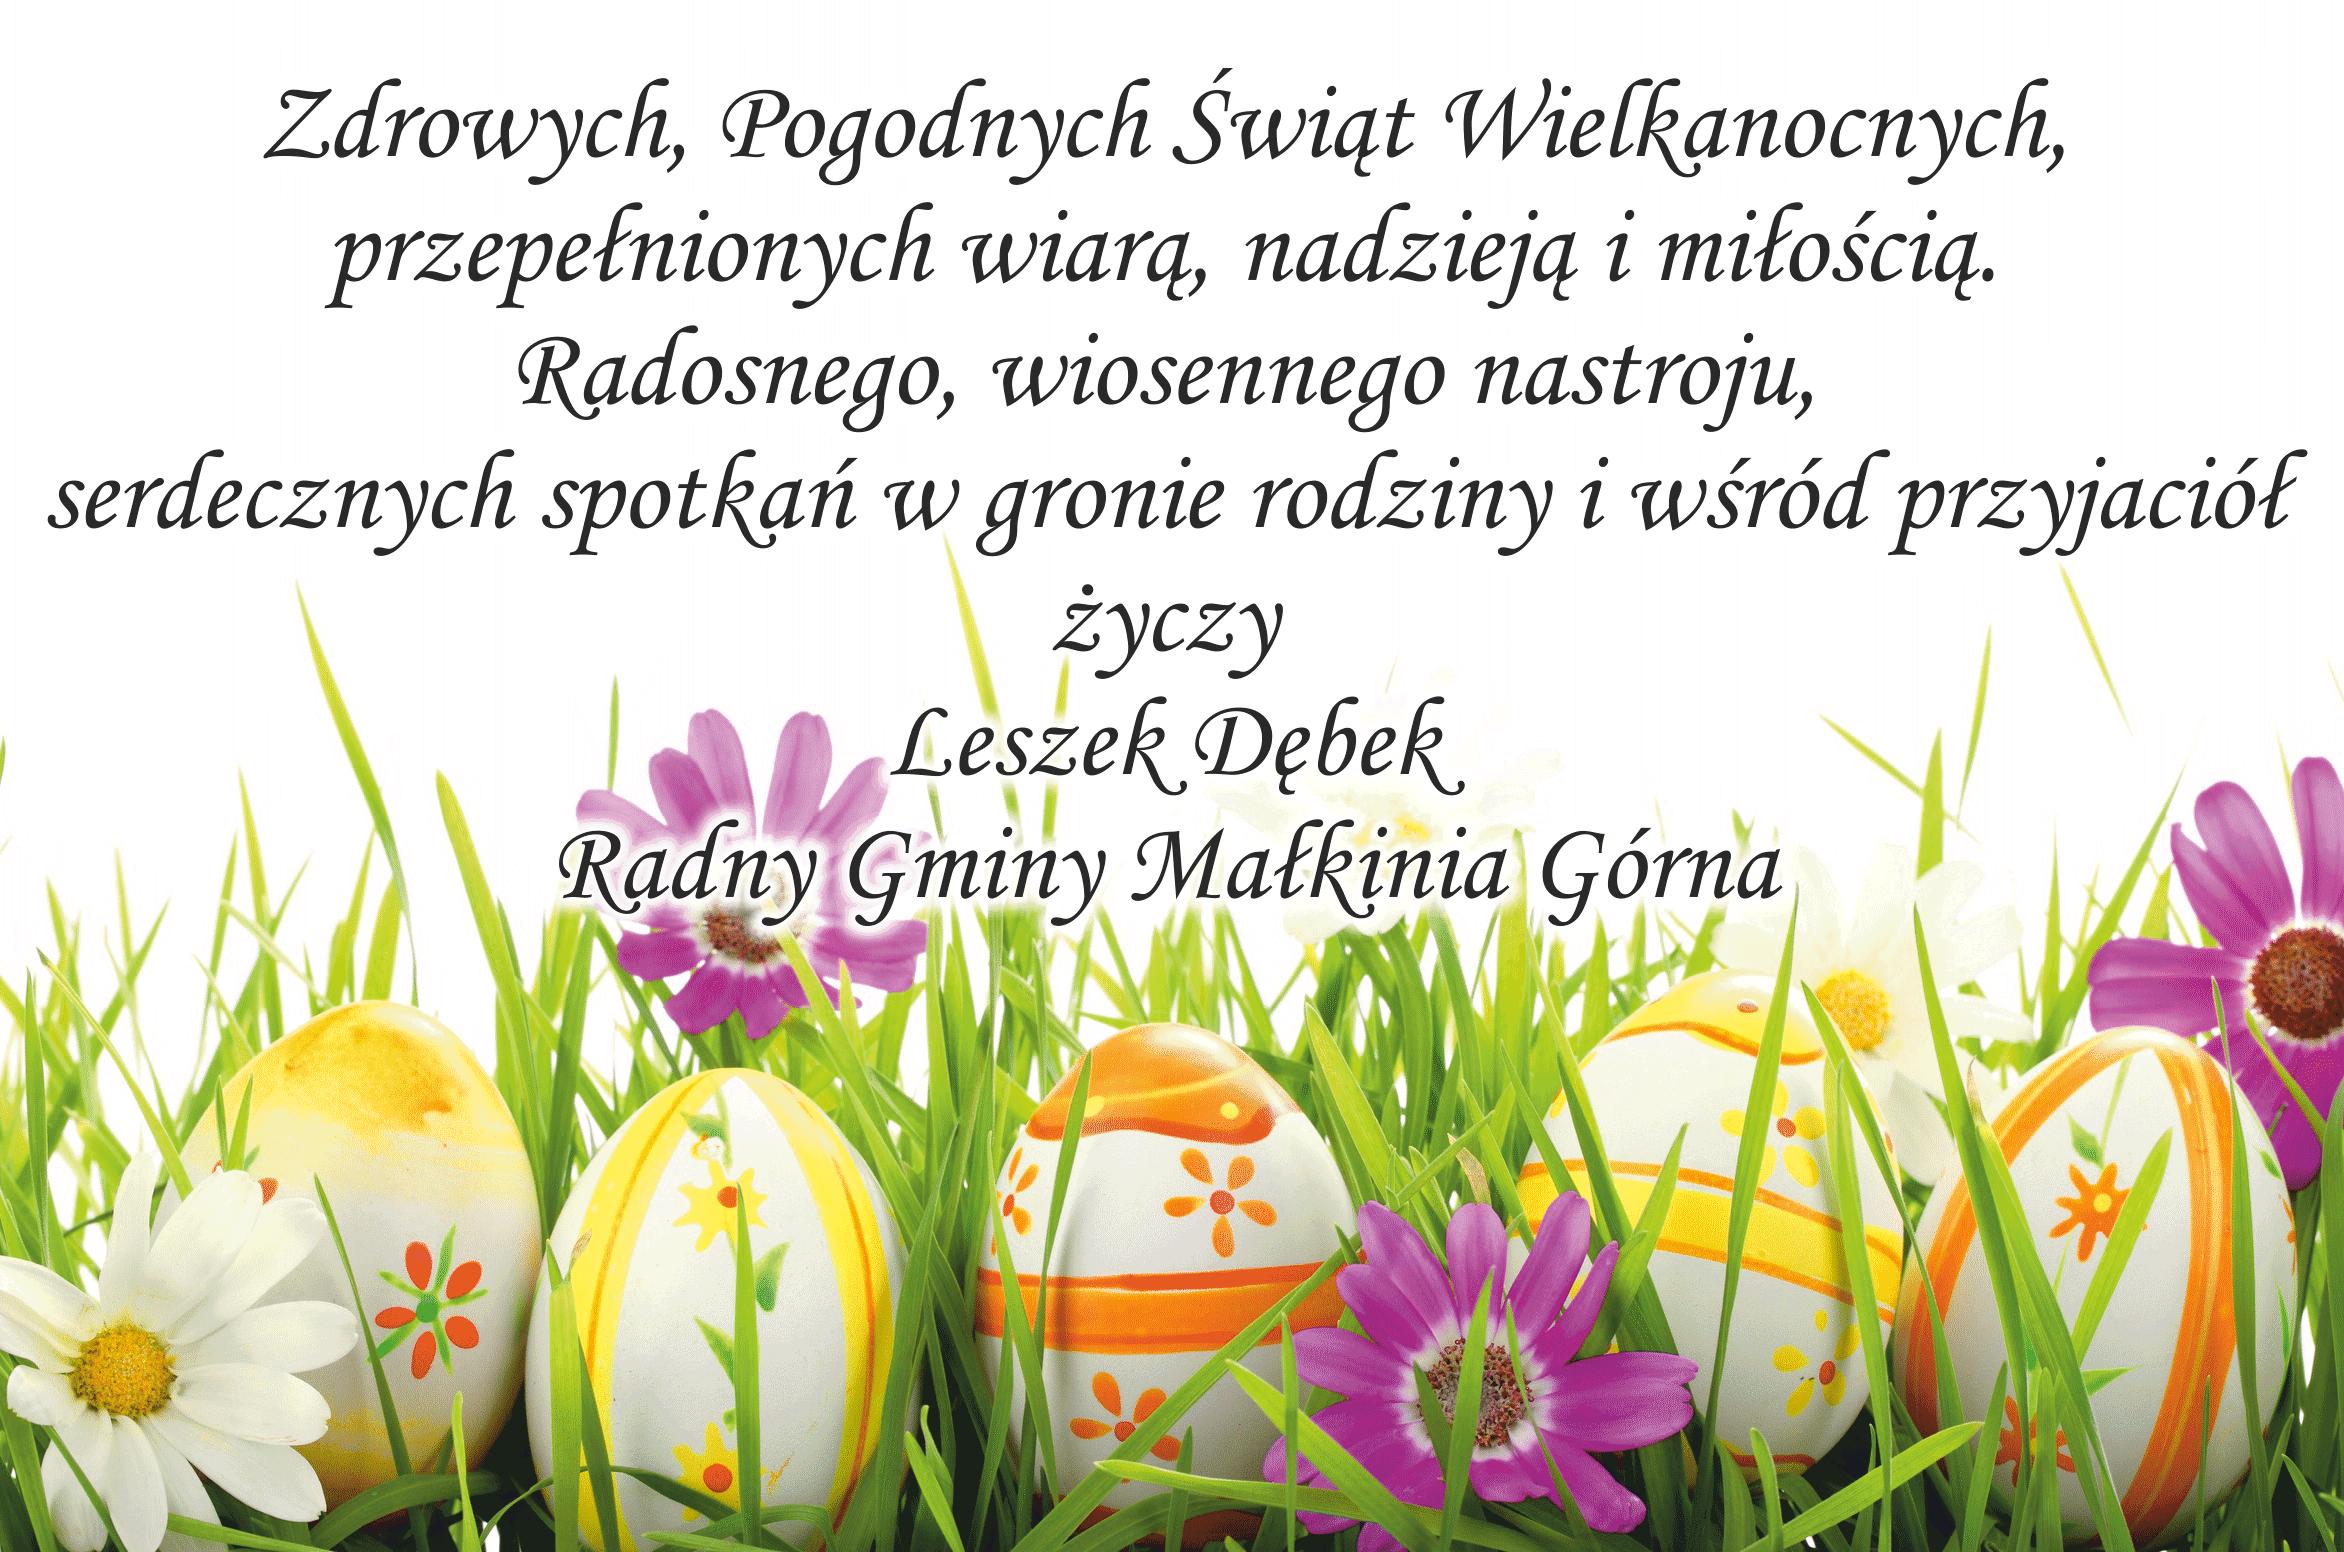 Życzenia wielkanocne  Dębek Leszek